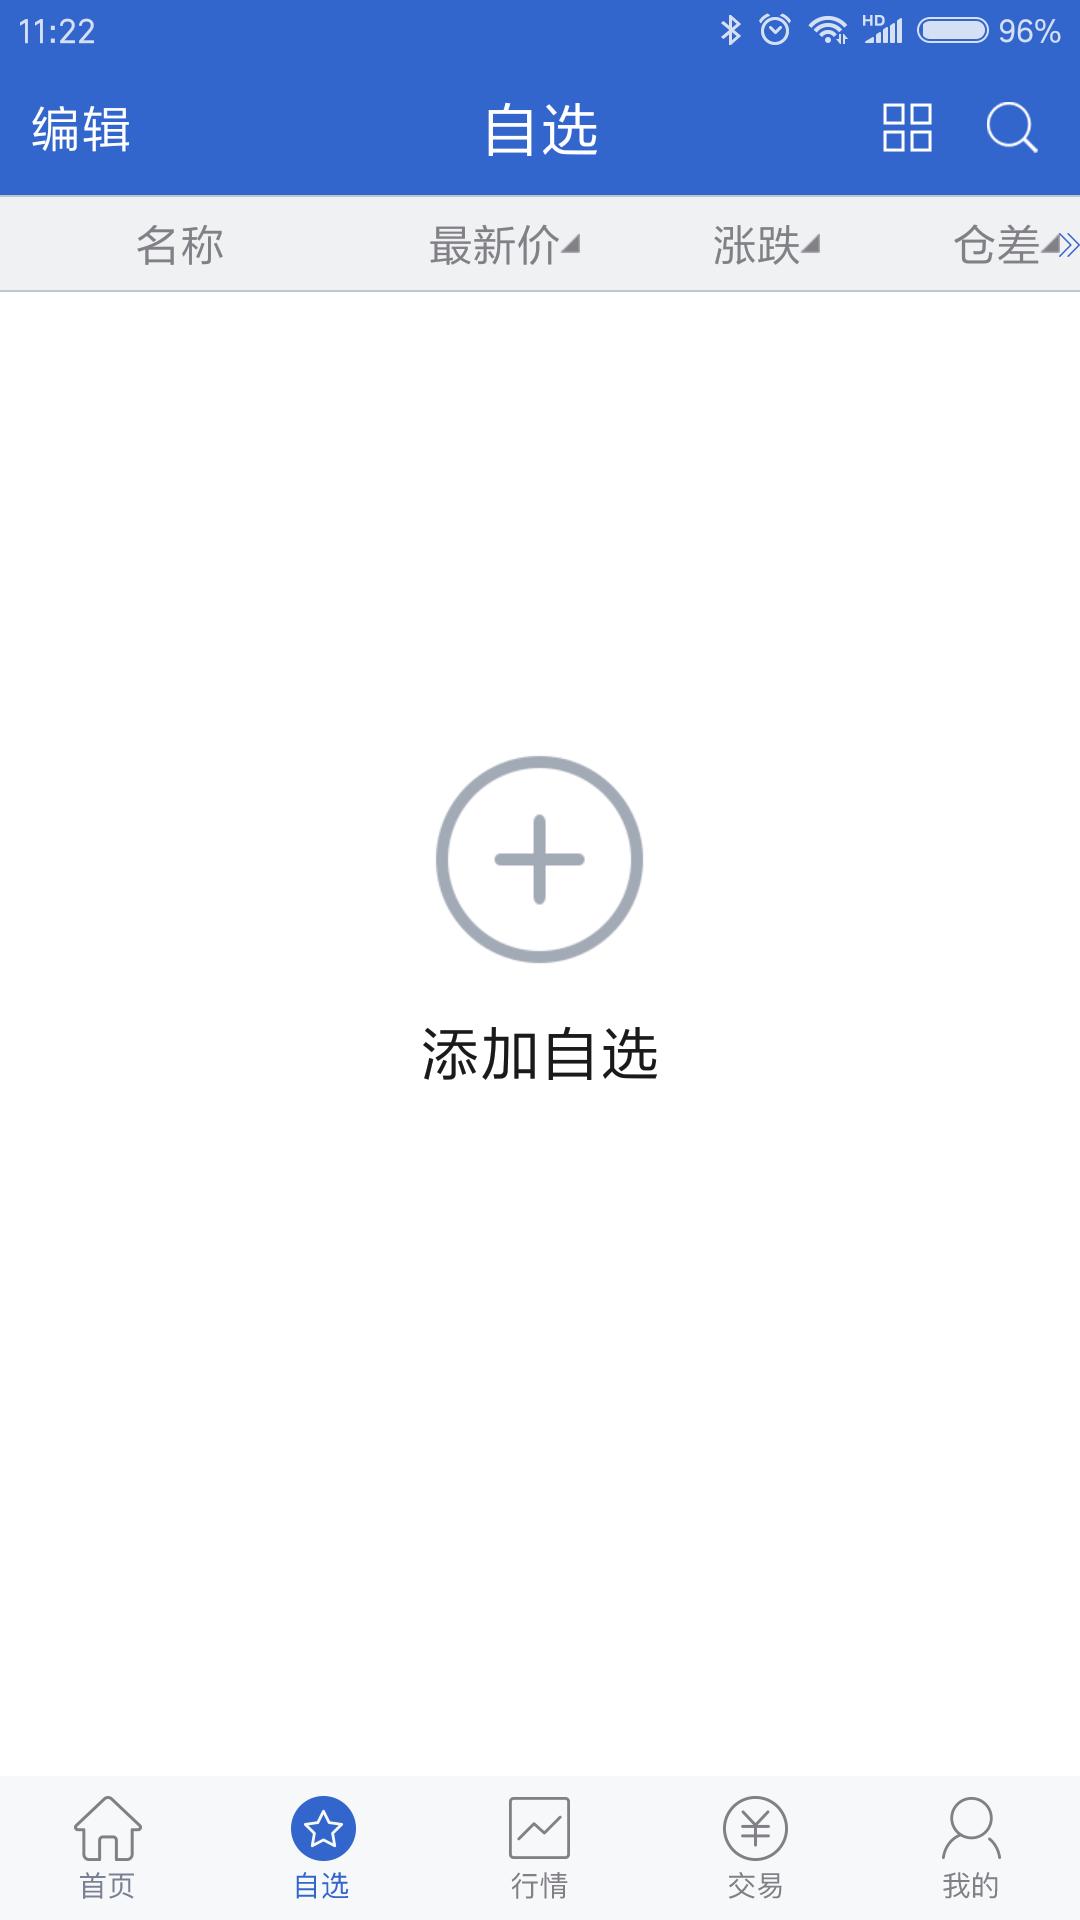 一创期货通app截图(2)